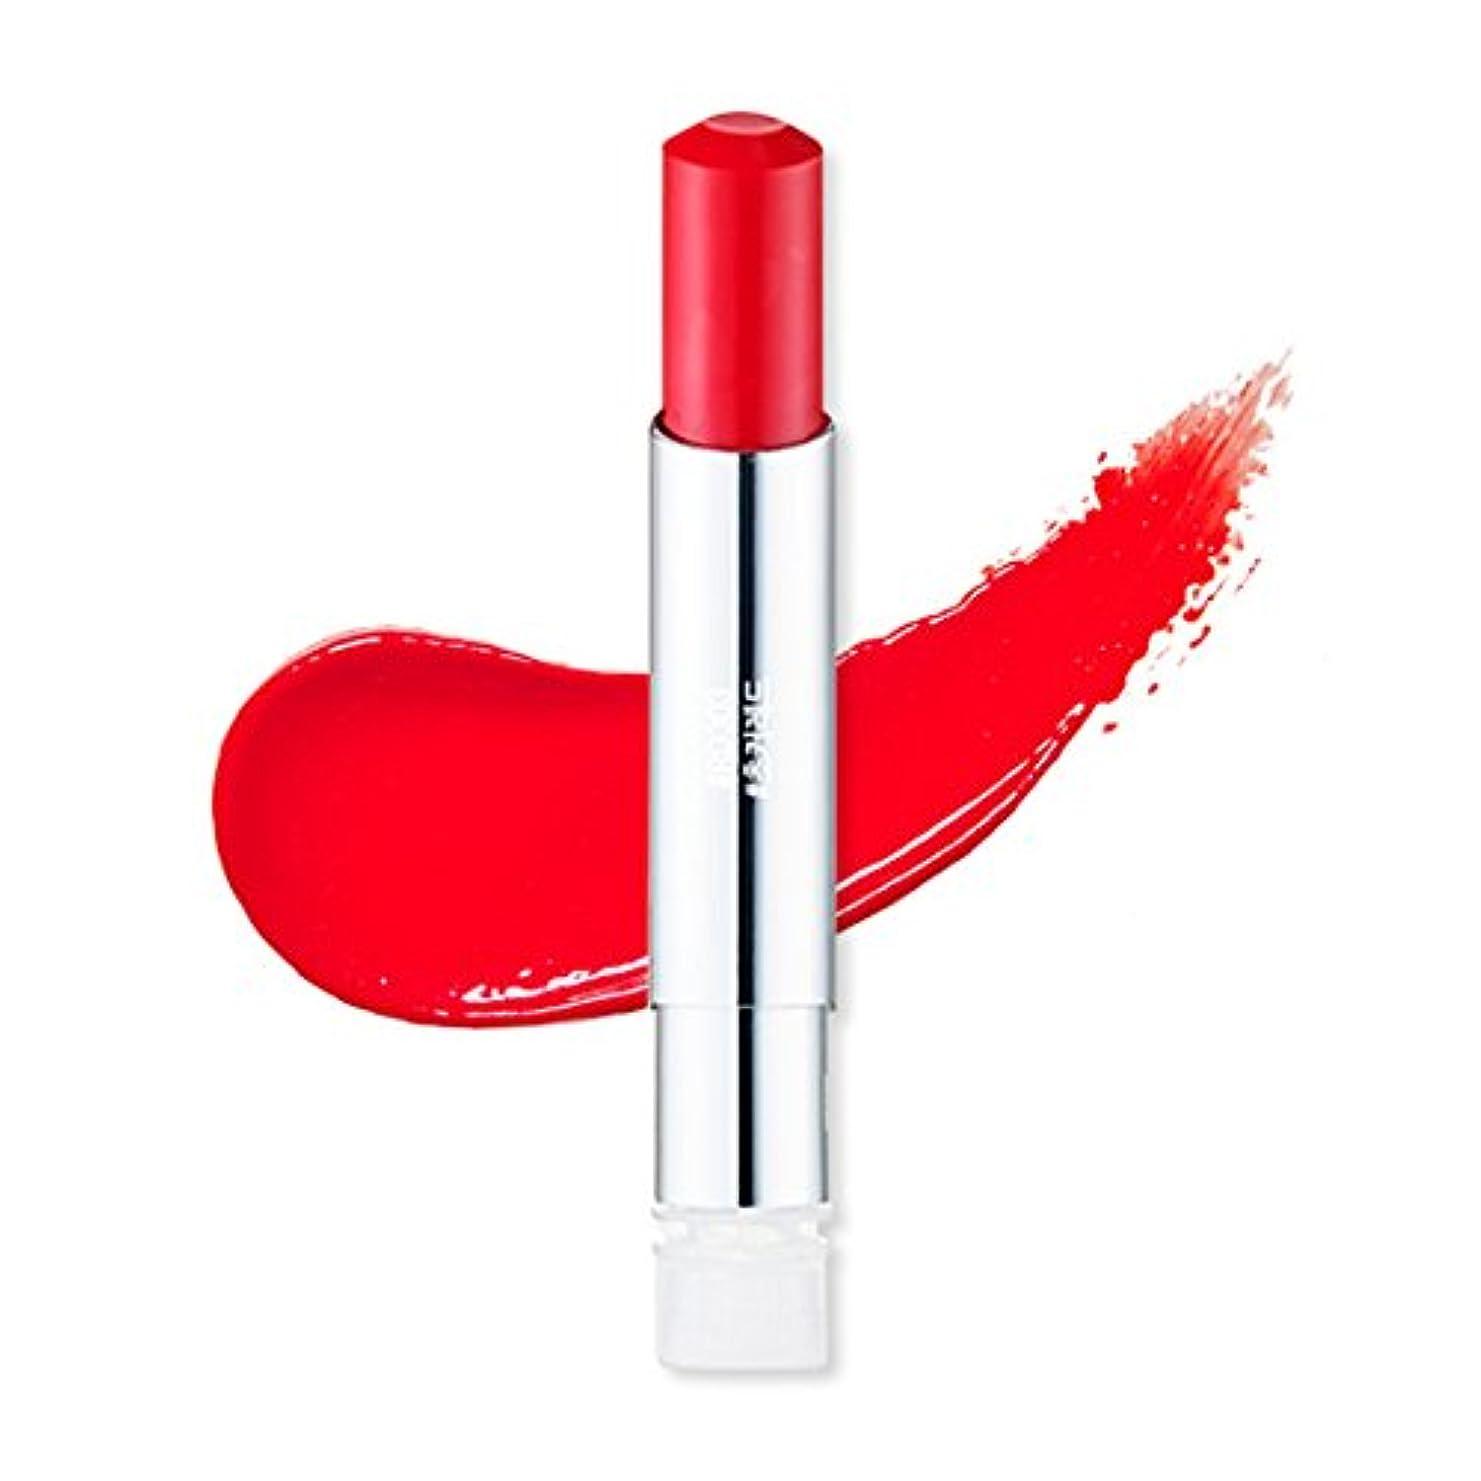 エレメンタル対角線メカニックEtude House Glass Tinting Lips Talk #RD303 エチュードハウスグラスチンチンリップトーク #RD303 [並行輸入品]